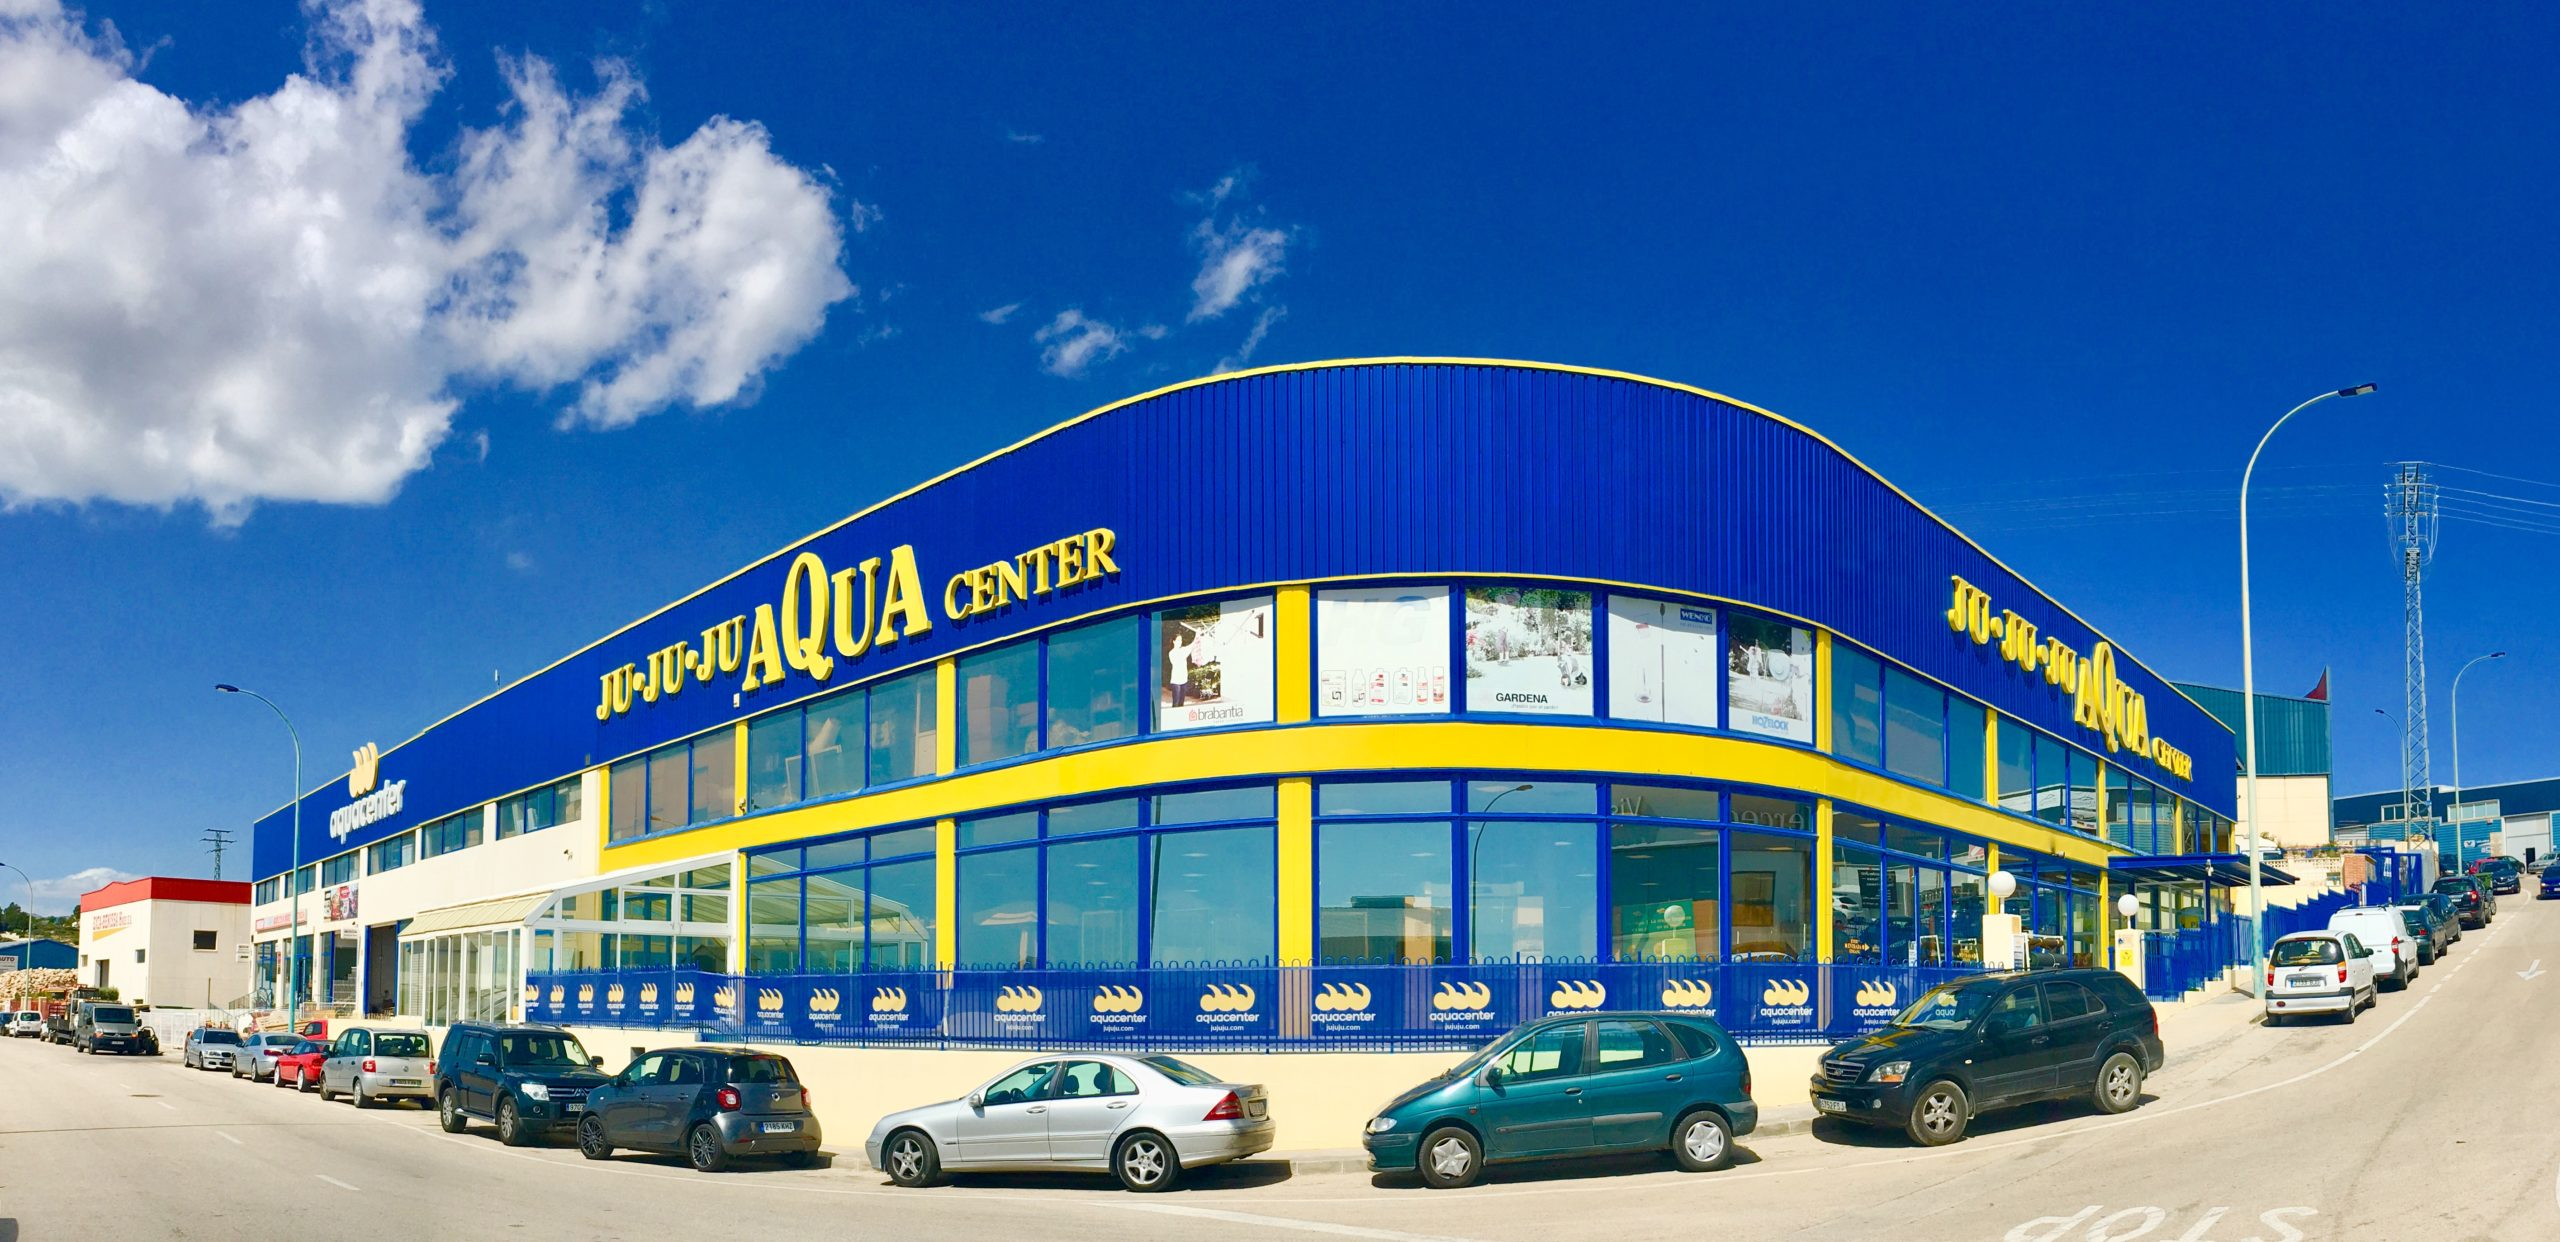 JuJuJu Aquacenter en el Poligono Industrial de Benissa - Todo para la piscina, wellness, spas, tratamiento de agua, jardín, calefaccion, aire acondicionado y fontanería